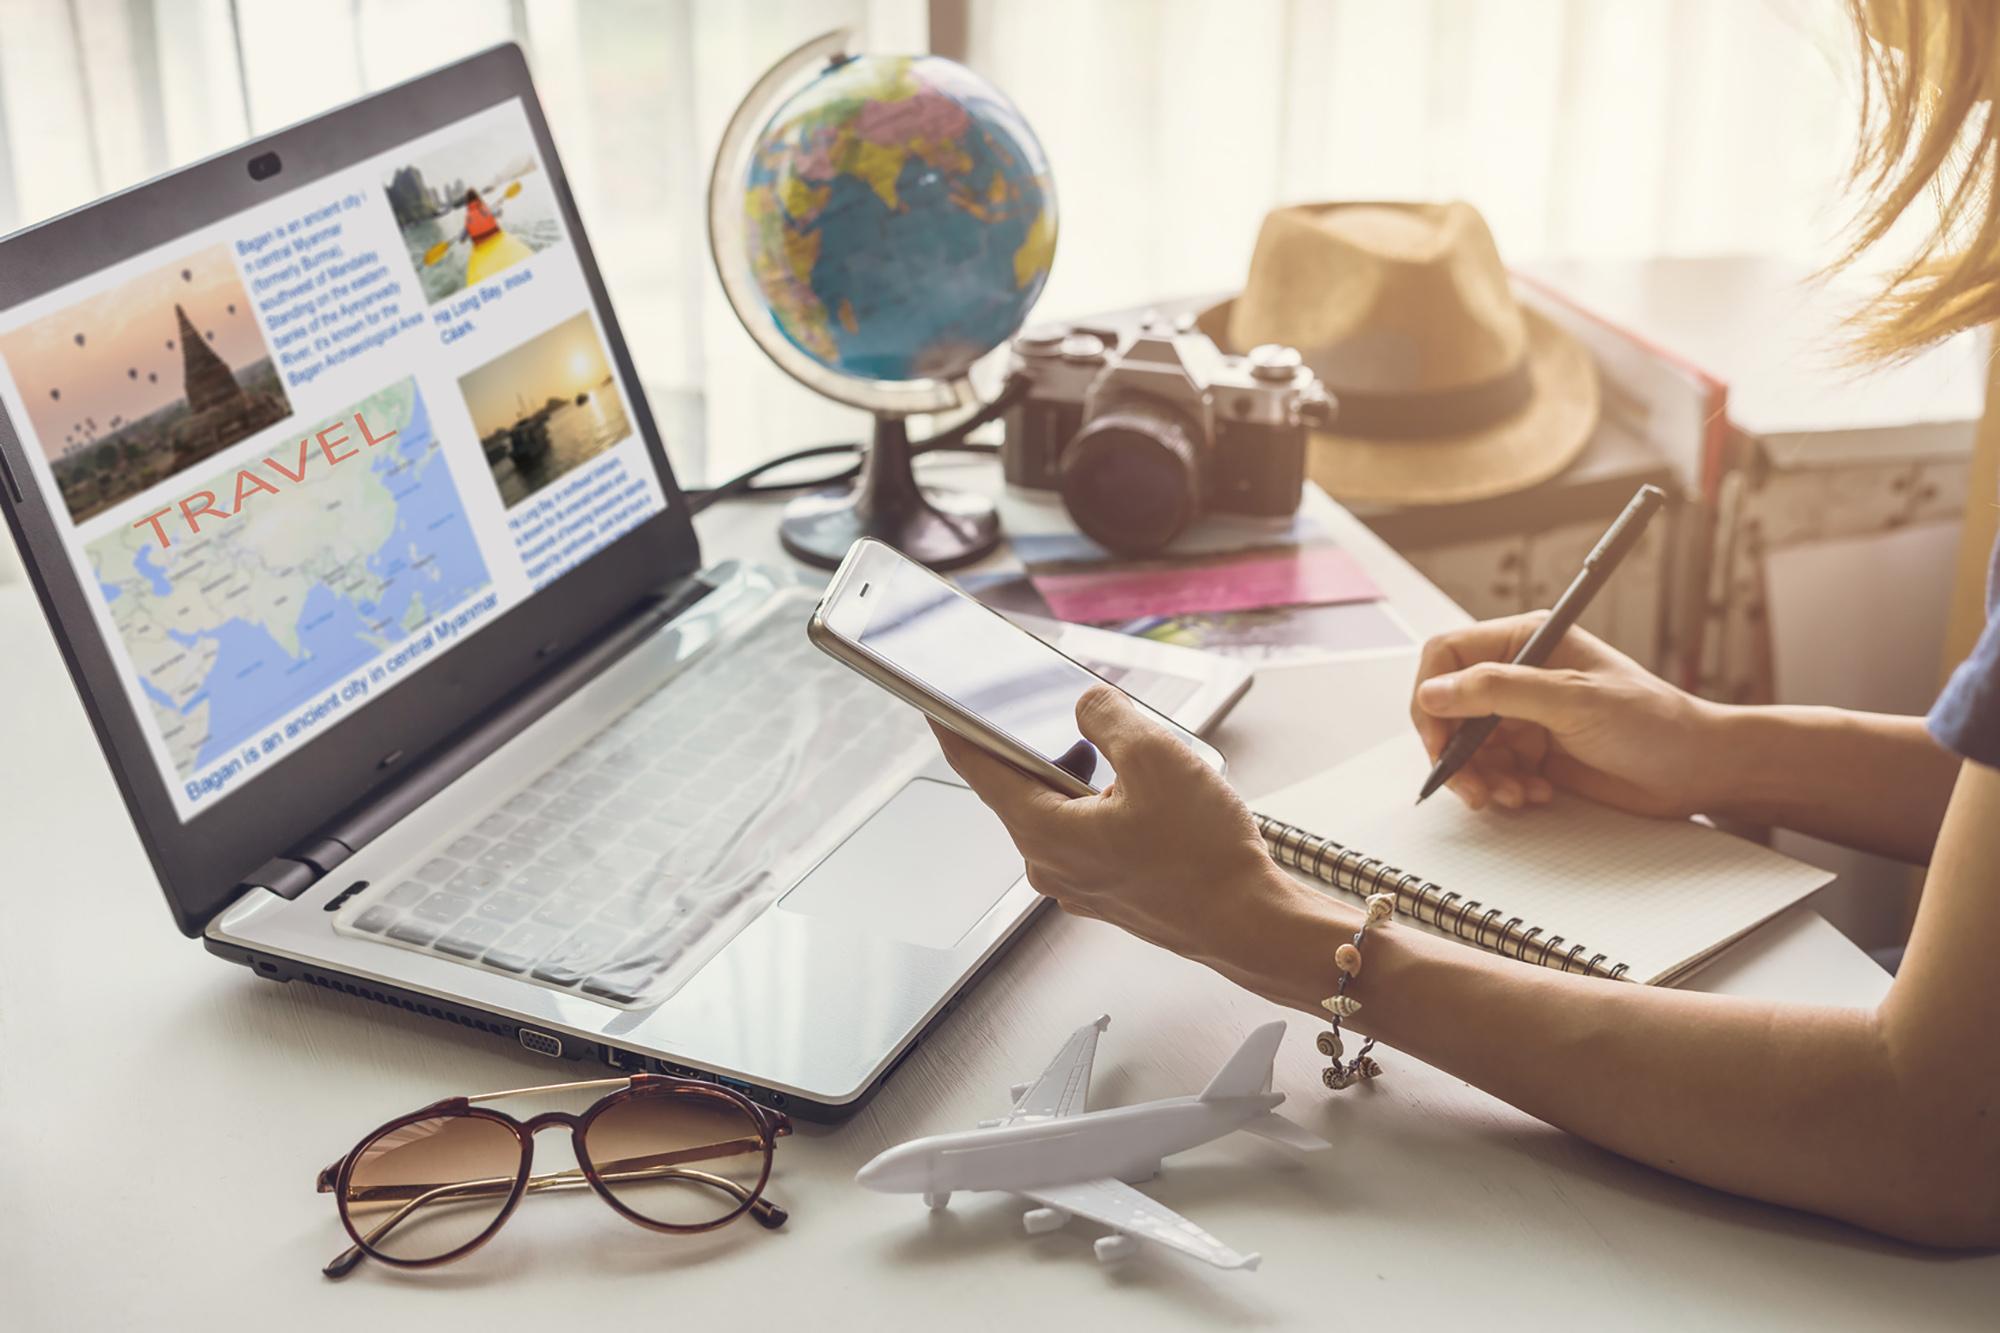 Sem crise: franquias lucrativas de turismo home office